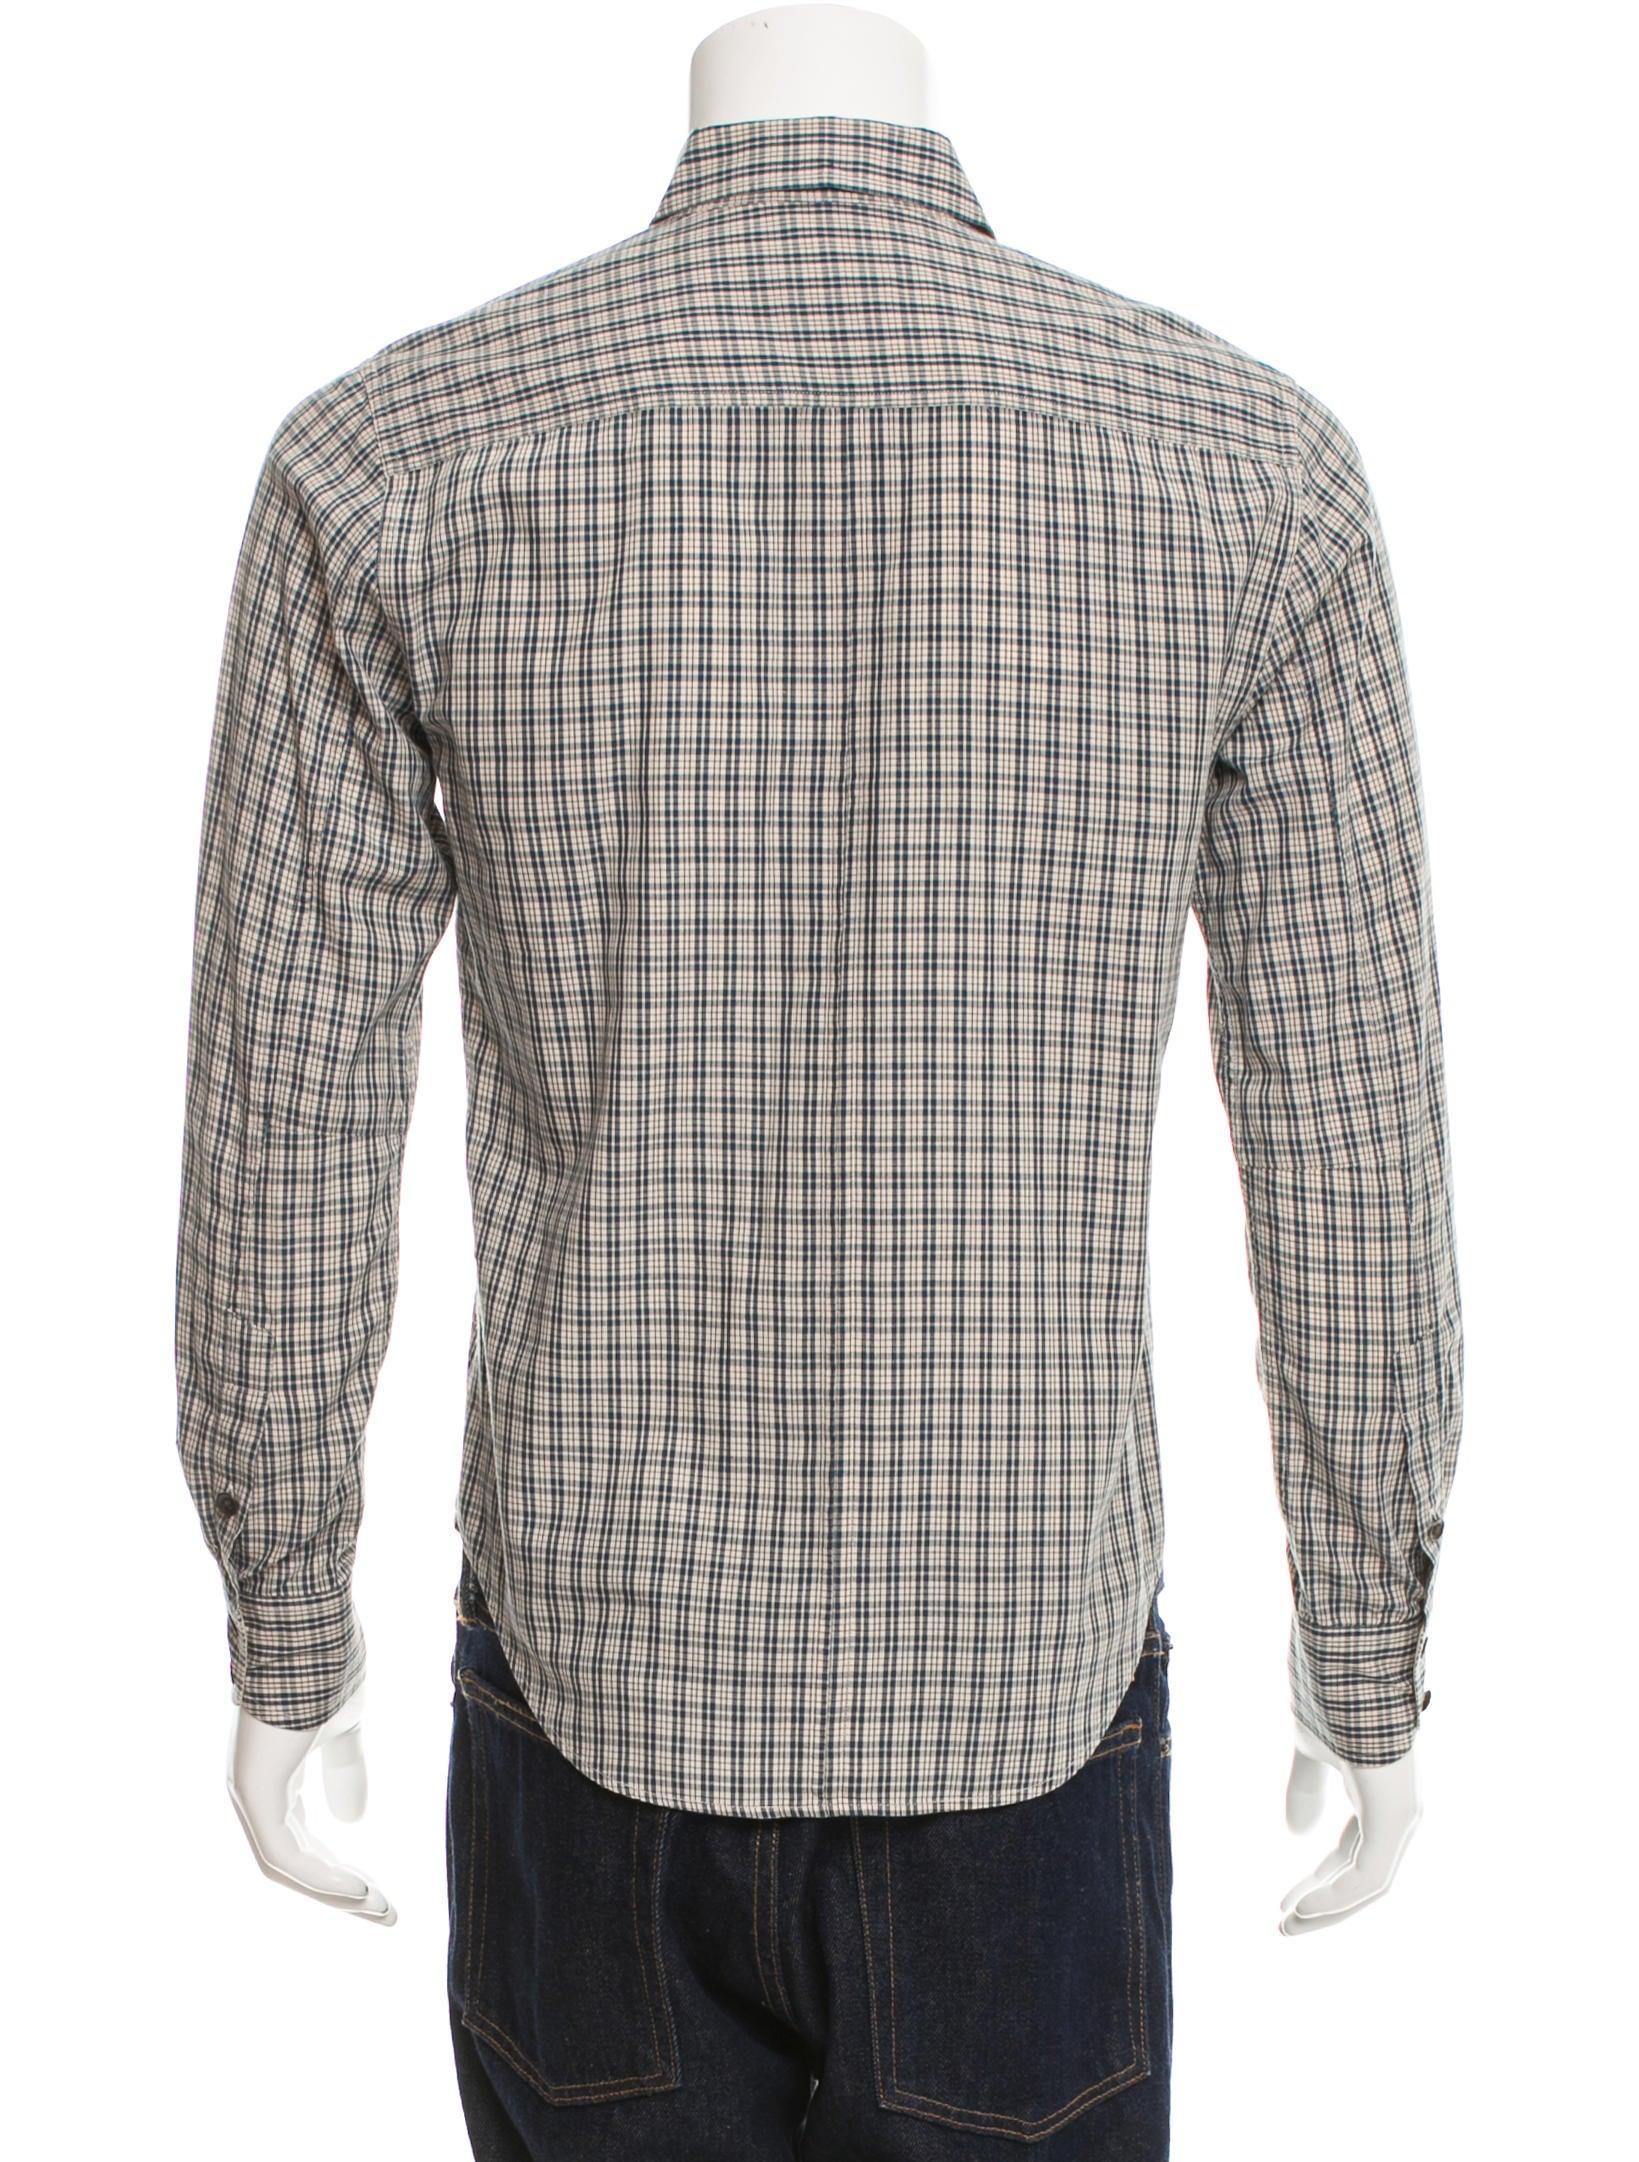 Rag Bone Plaid Button Up Shirt Clothing Wragb70386